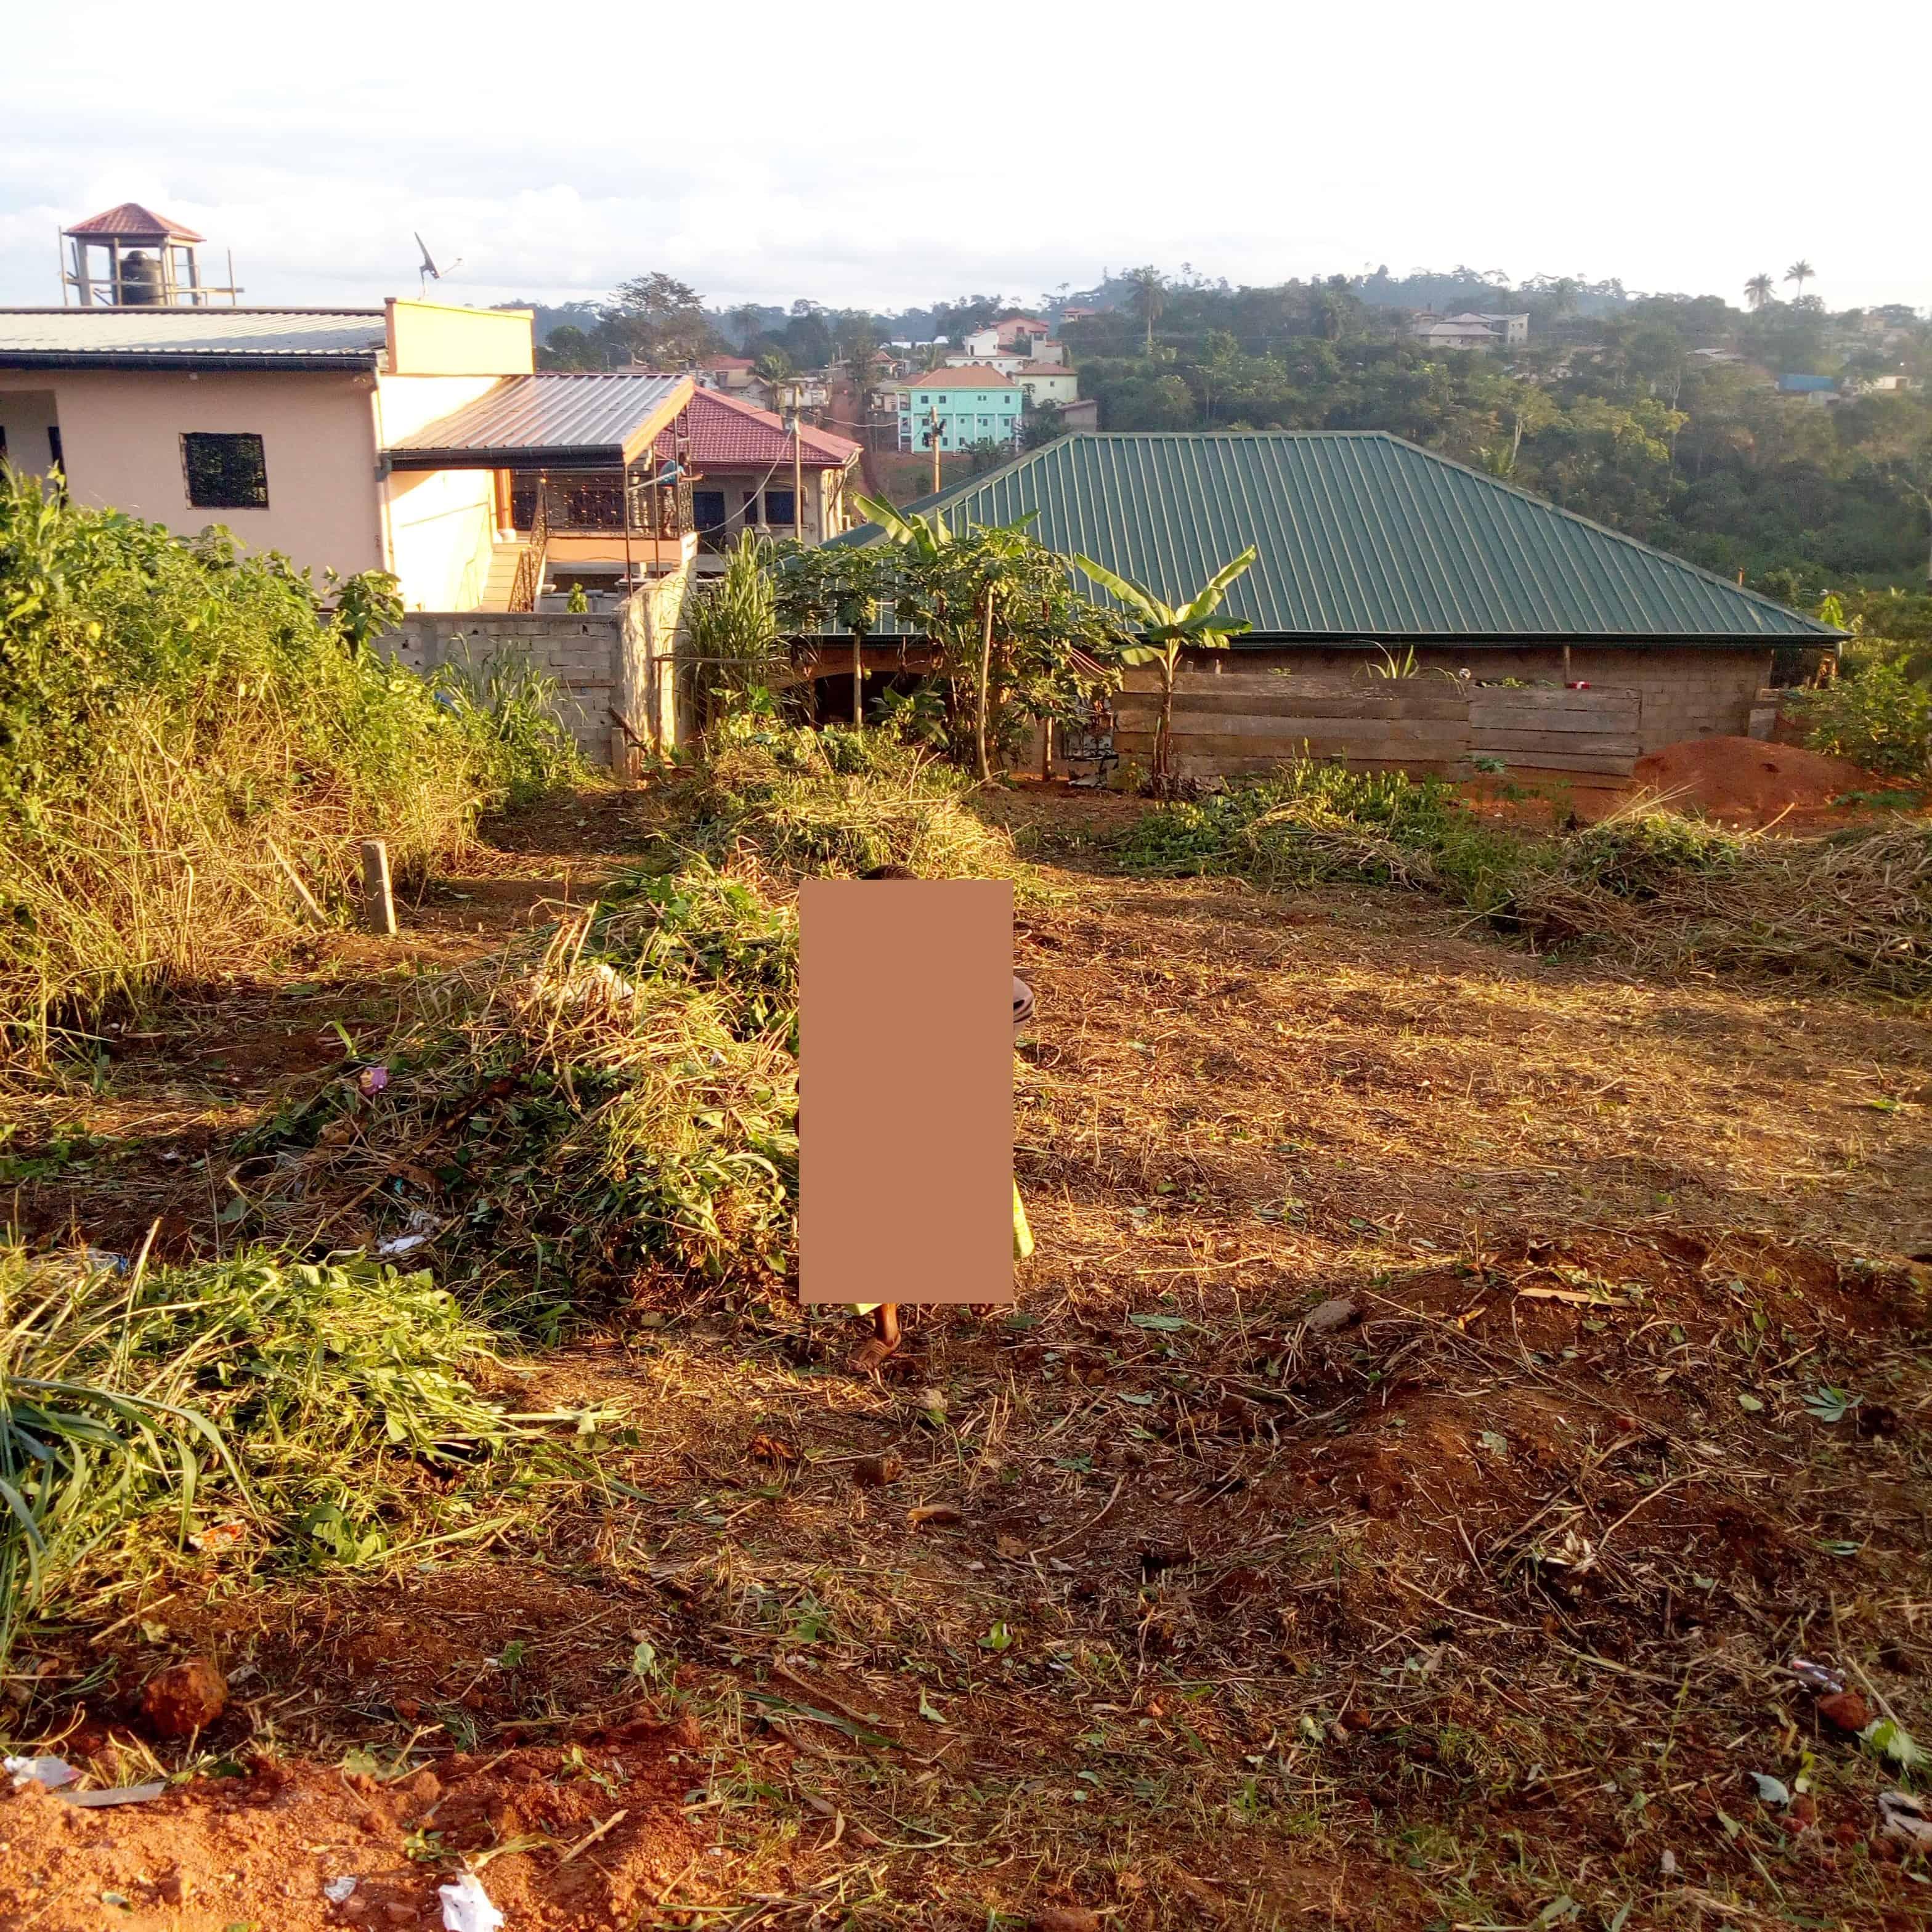 Land for sale at Yaoundé, Biteng, Ebol-Medjom - 500 m2 - 6 000 000 FCFA